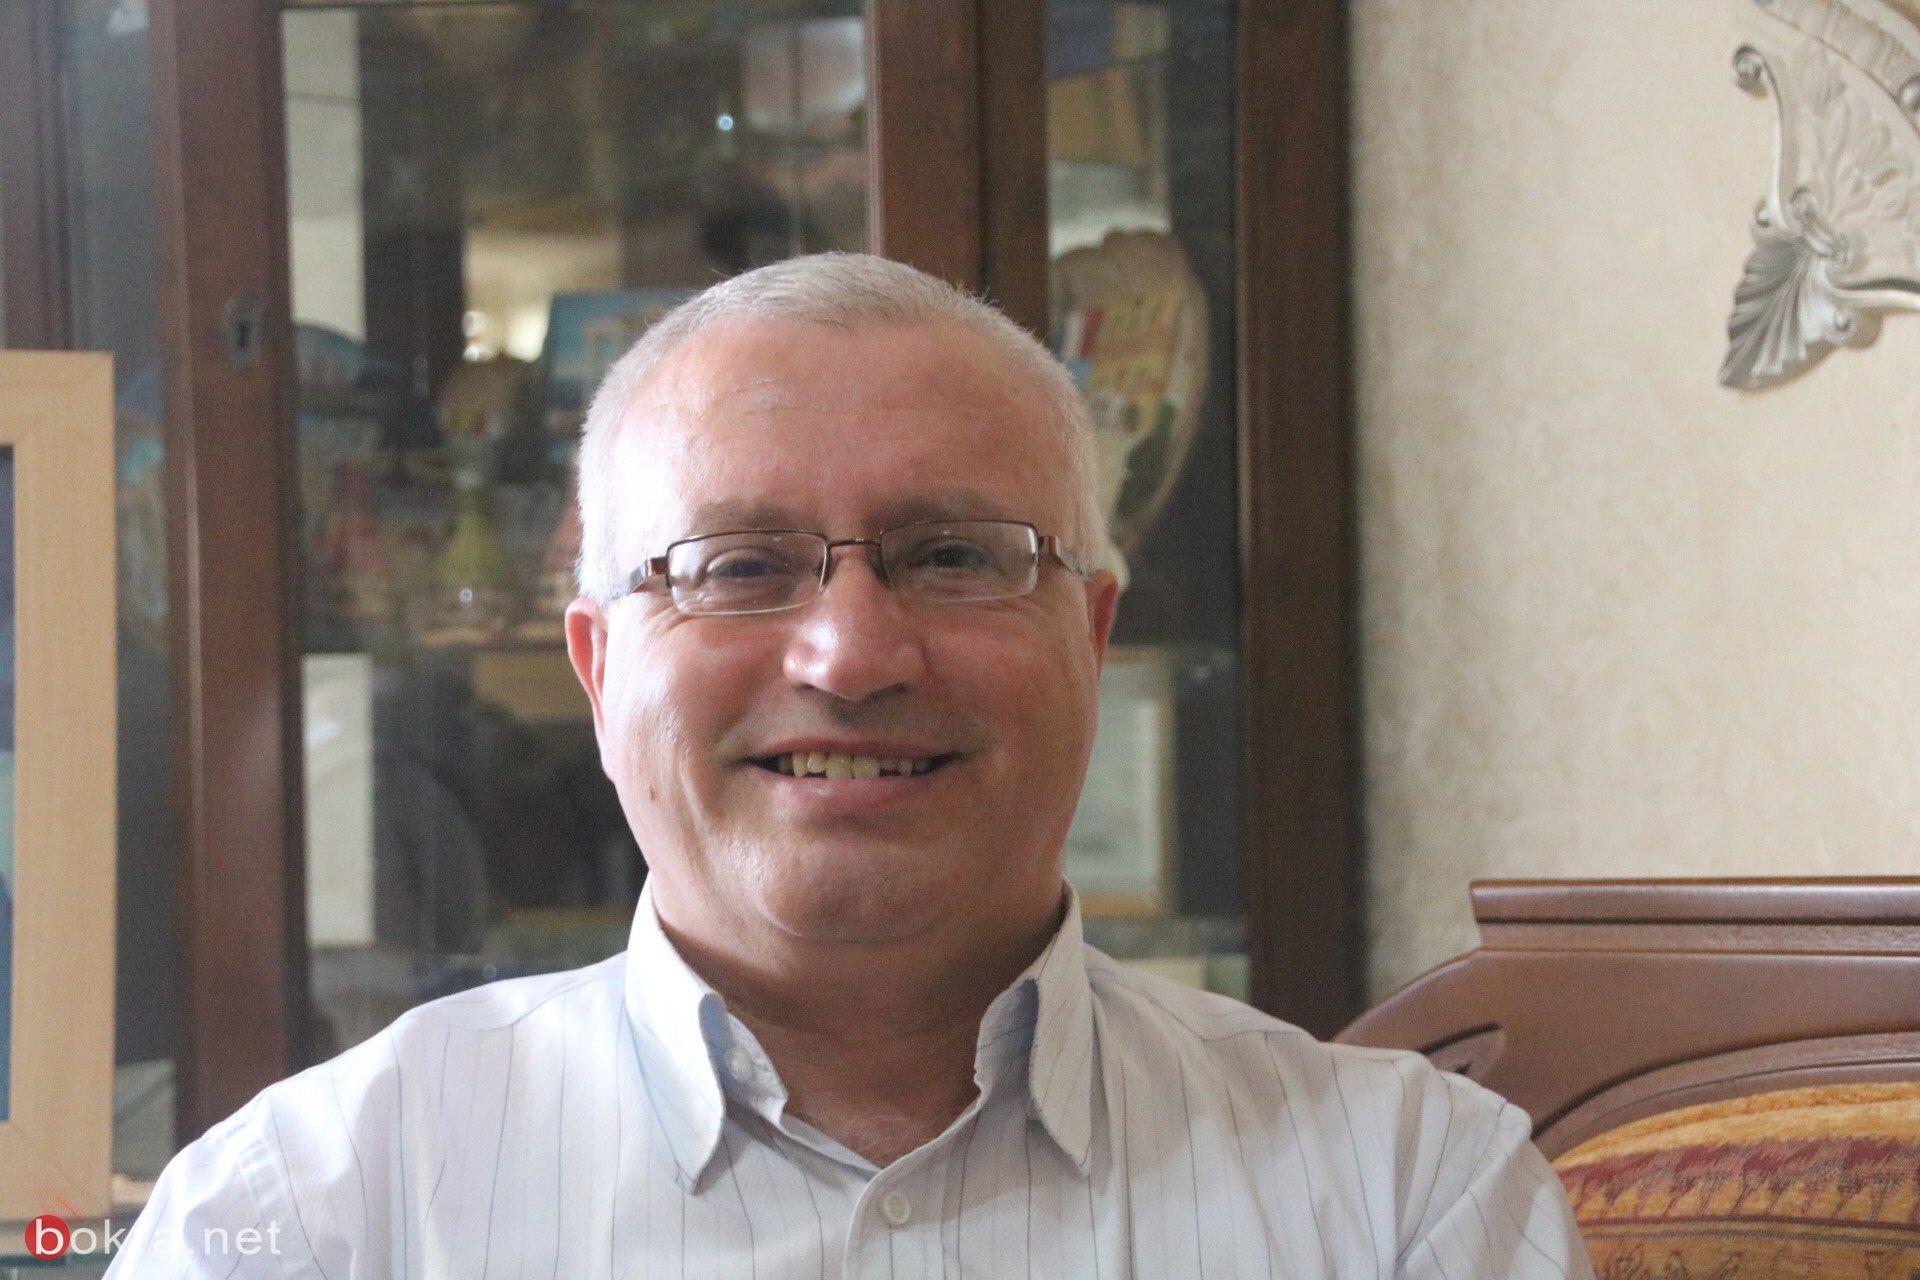 عضو بلدية ام الفحم وجدي جبارين: المشاريع تنجز لو توفرت النية ومحاربة العنف أهمها